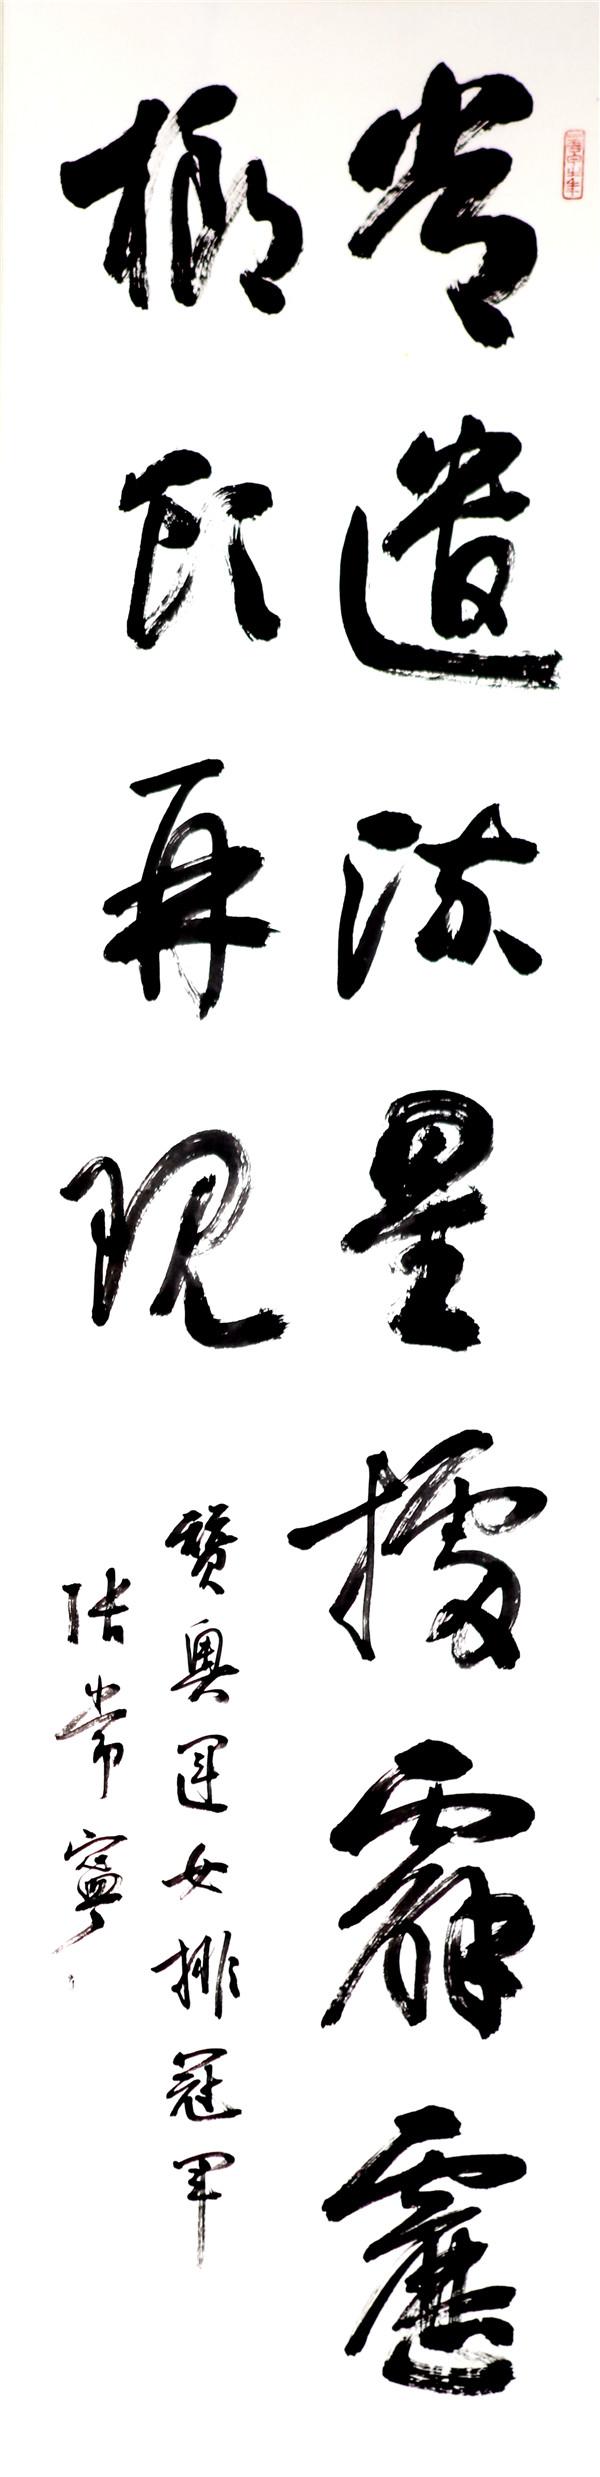 序号369,录张愚非为江苏奥运冠军张常宁嵌名联